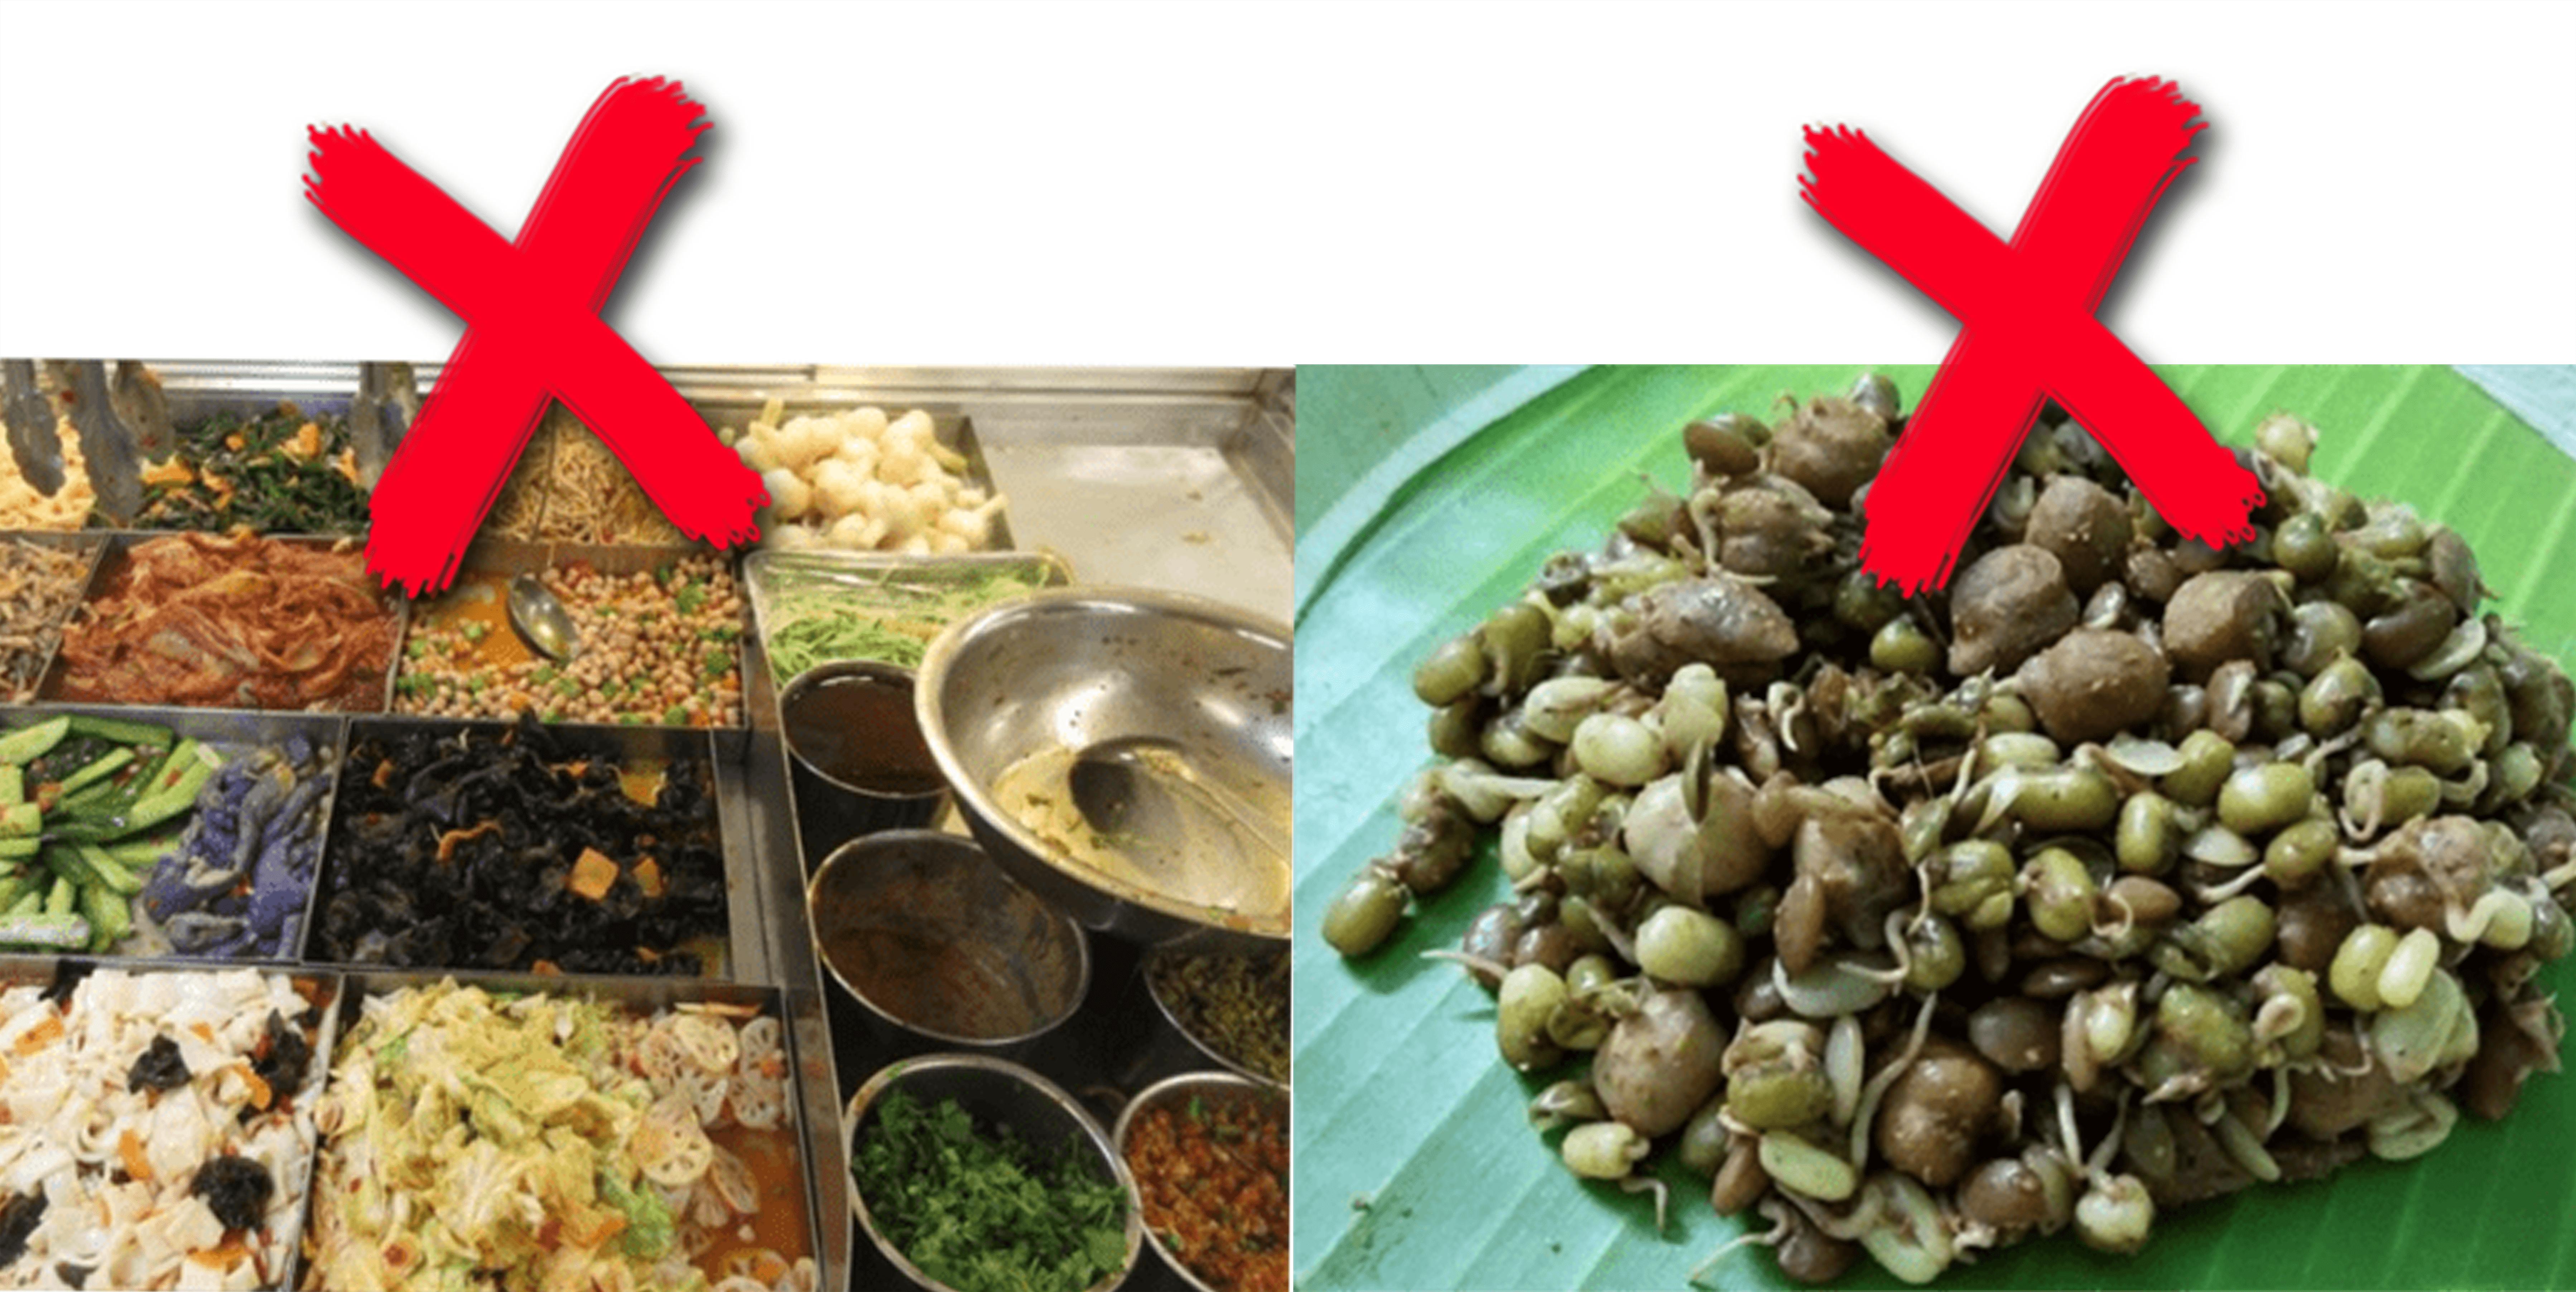 Air Fryer Garlic Parmesan Brussels Sprouts😘😘 1 buzzrecipes- Birria Tacos, Korean bbq